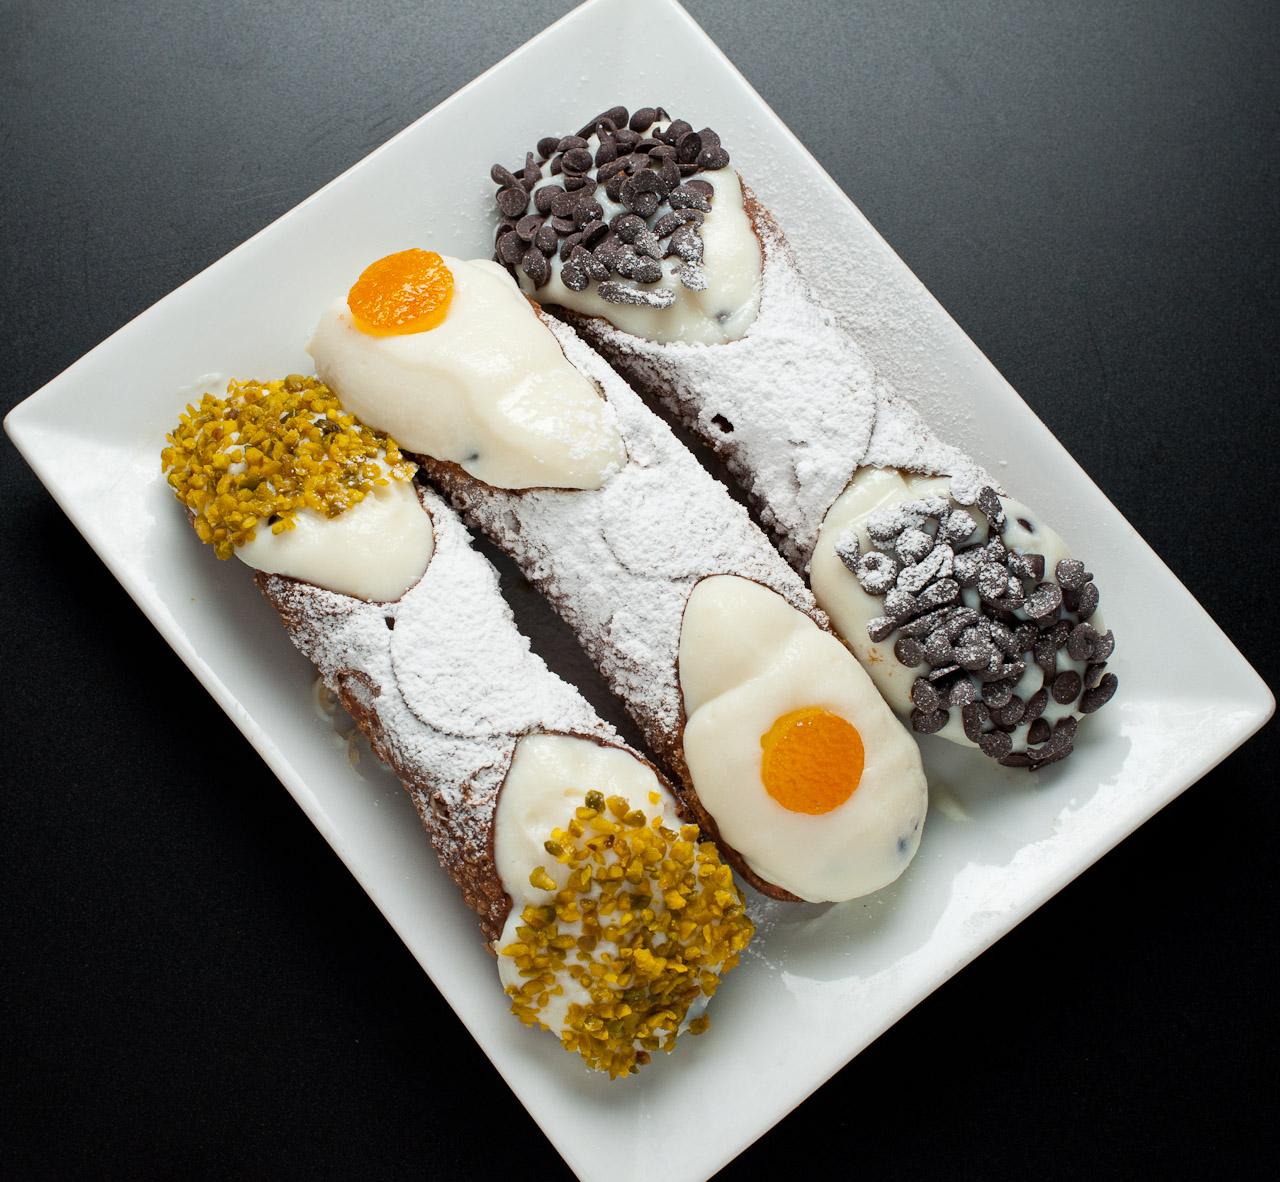 Il cannolo tradizionale, al pistacchio, al cioccolato